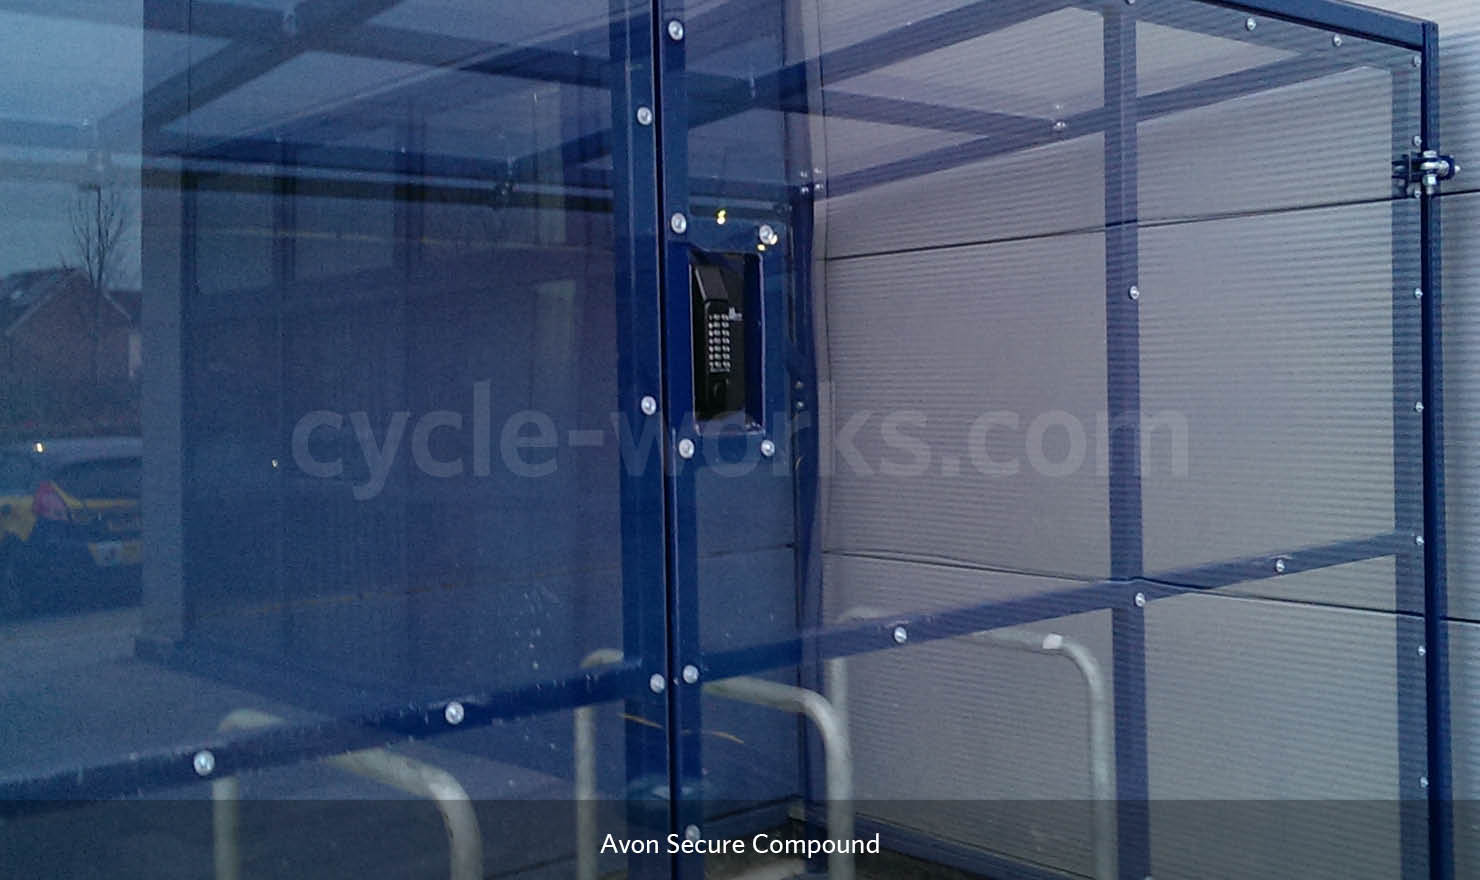 Avon Bike Compound